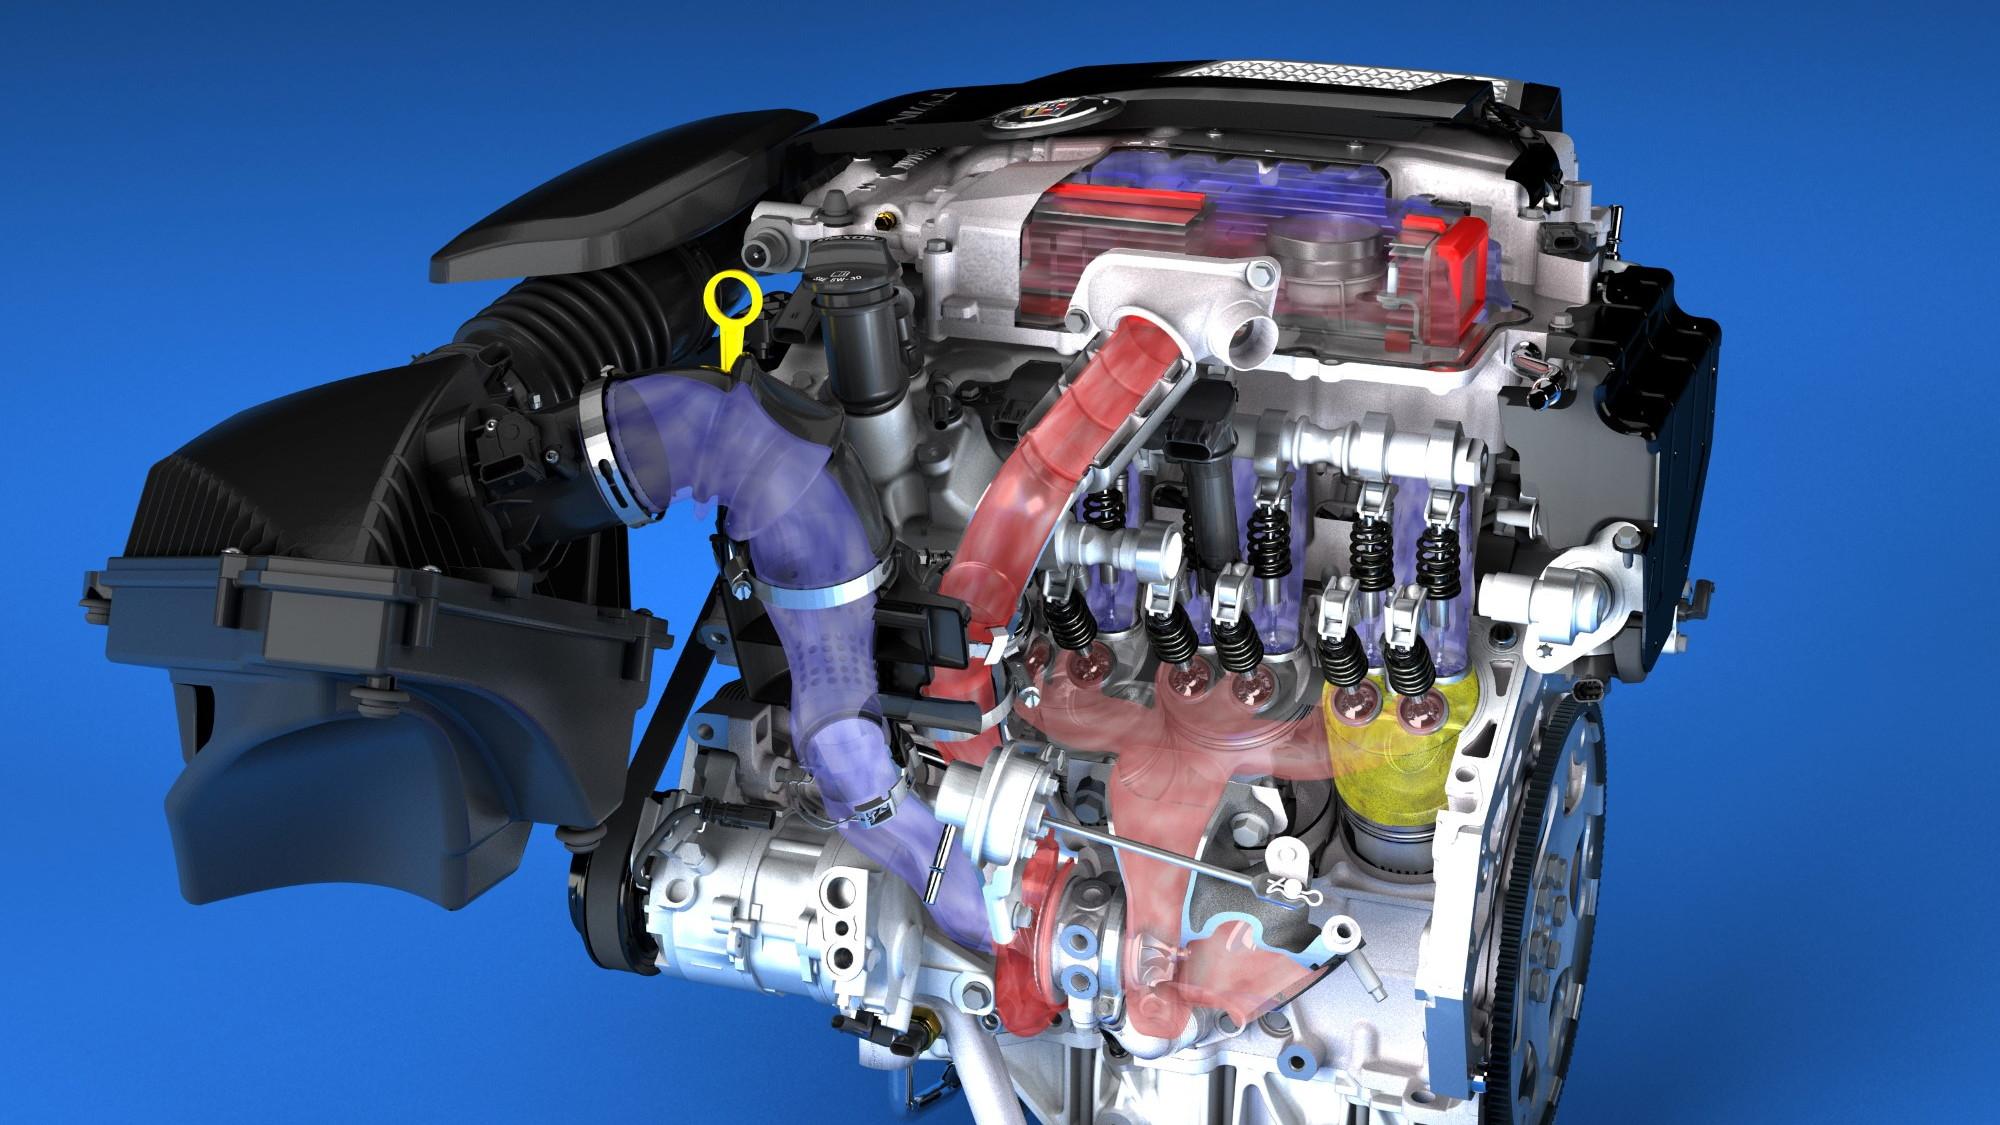 2014 3.6L V-6 VVT DI Twin Turbo (LF3) for Cadillac CTS